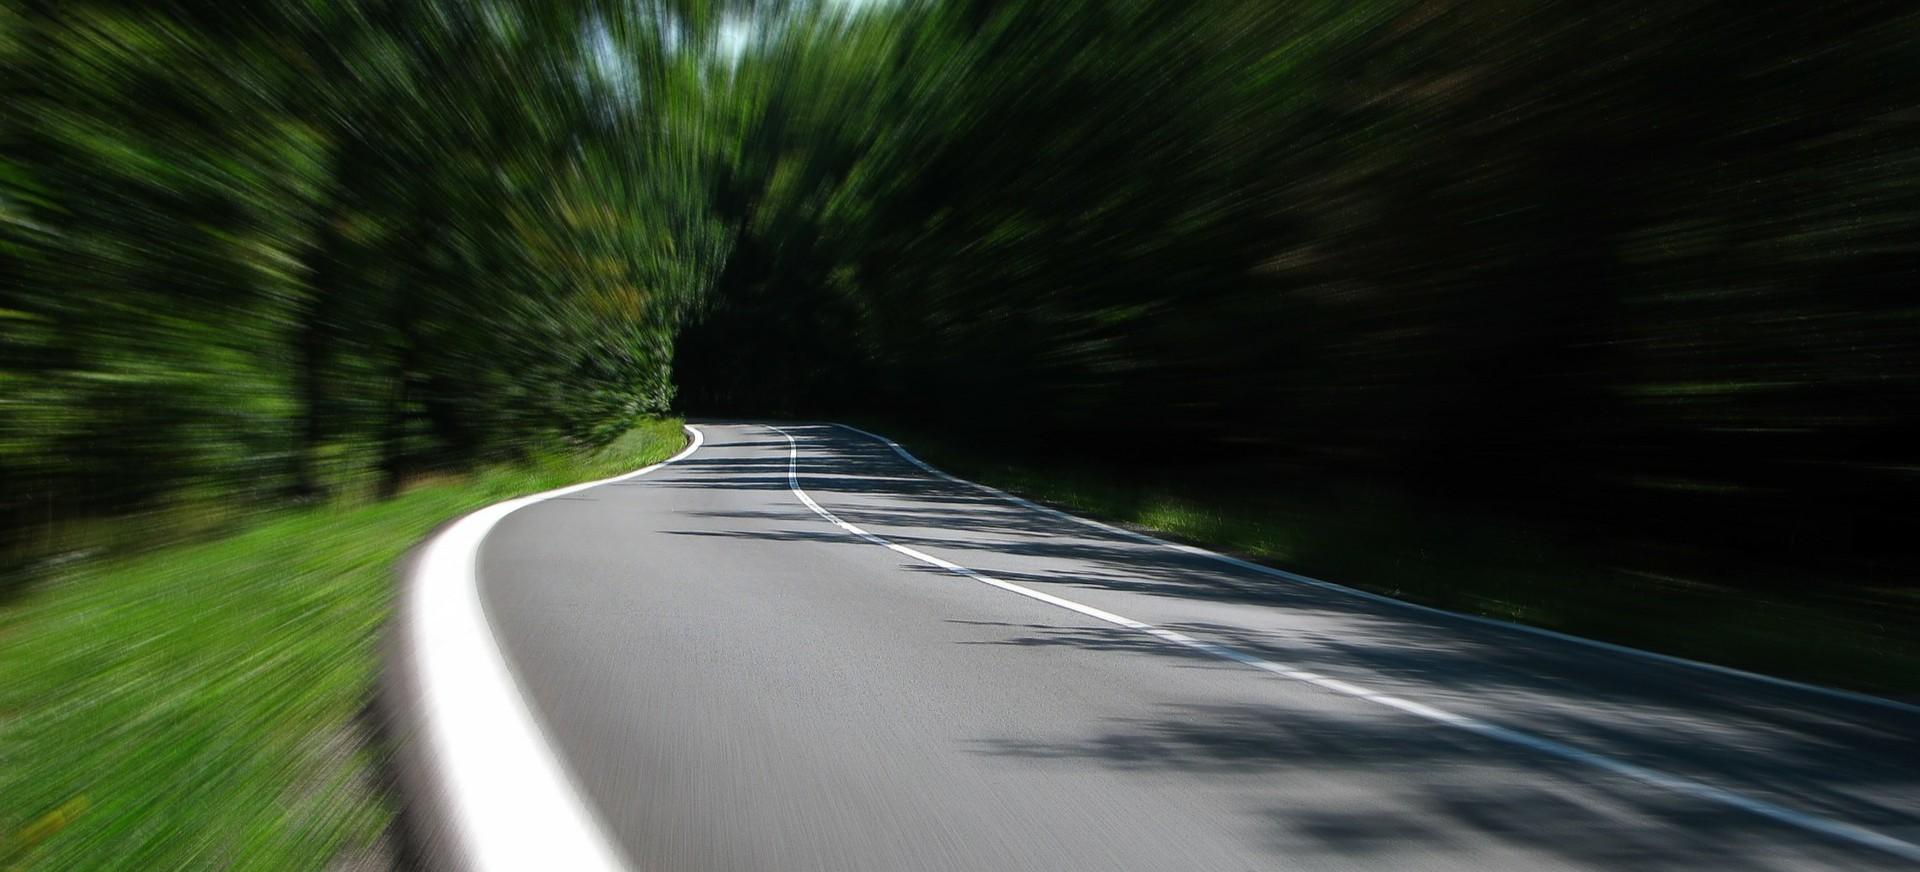 BIESZCZADY: Za szybko! Trzech kierowców straciło prawo jazdy